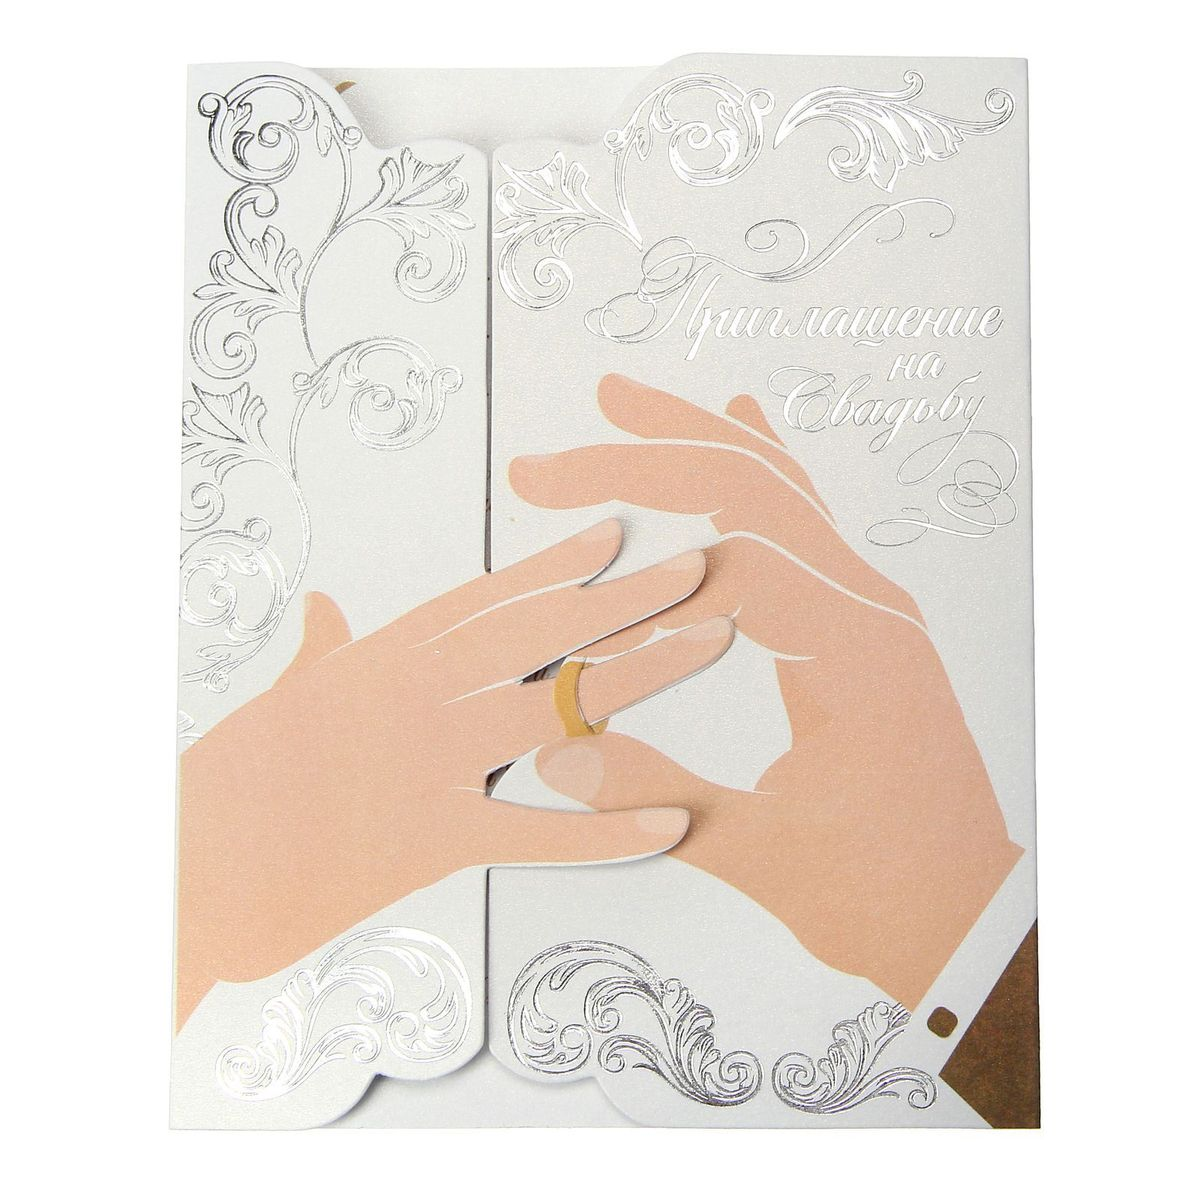 Свадьба — одно из главных событий в жизни каждого человека. Для идеального торжества необходимо продумать каждую мелочь. Родным и близким будет приятно получить индивидуальную красивую открытку с эксклюзивным дизайном.